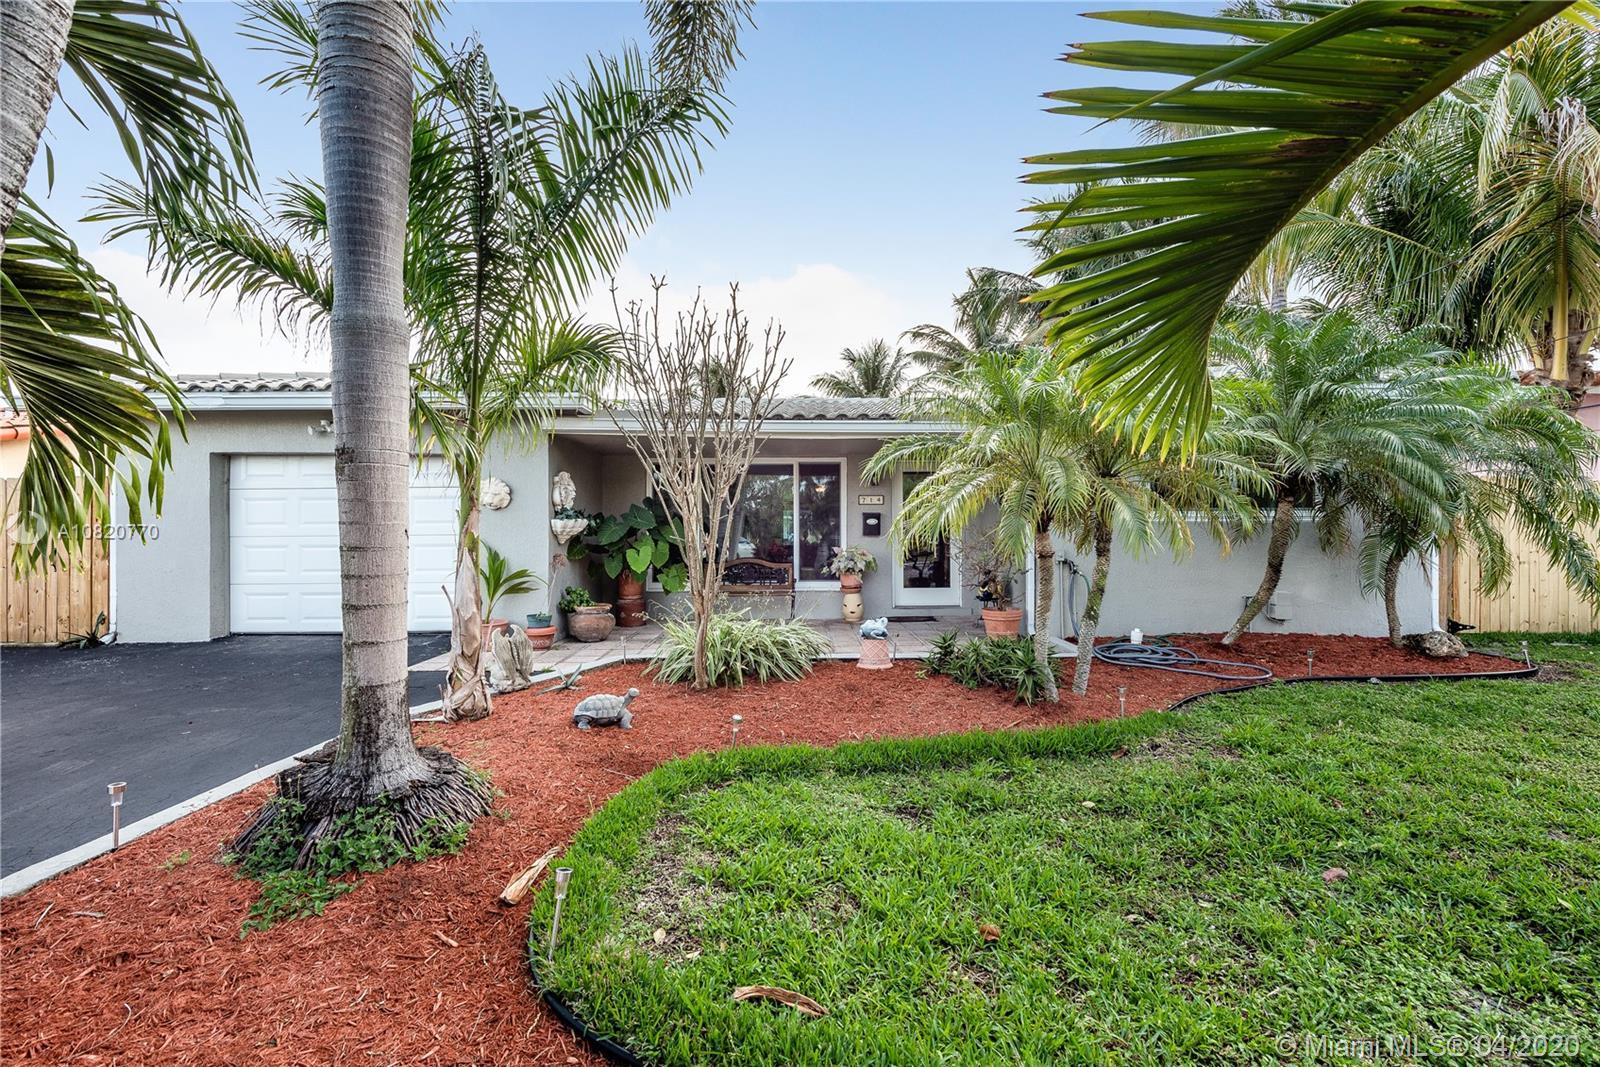 714 NW 12th Ave, Dania Beach, FL 33004